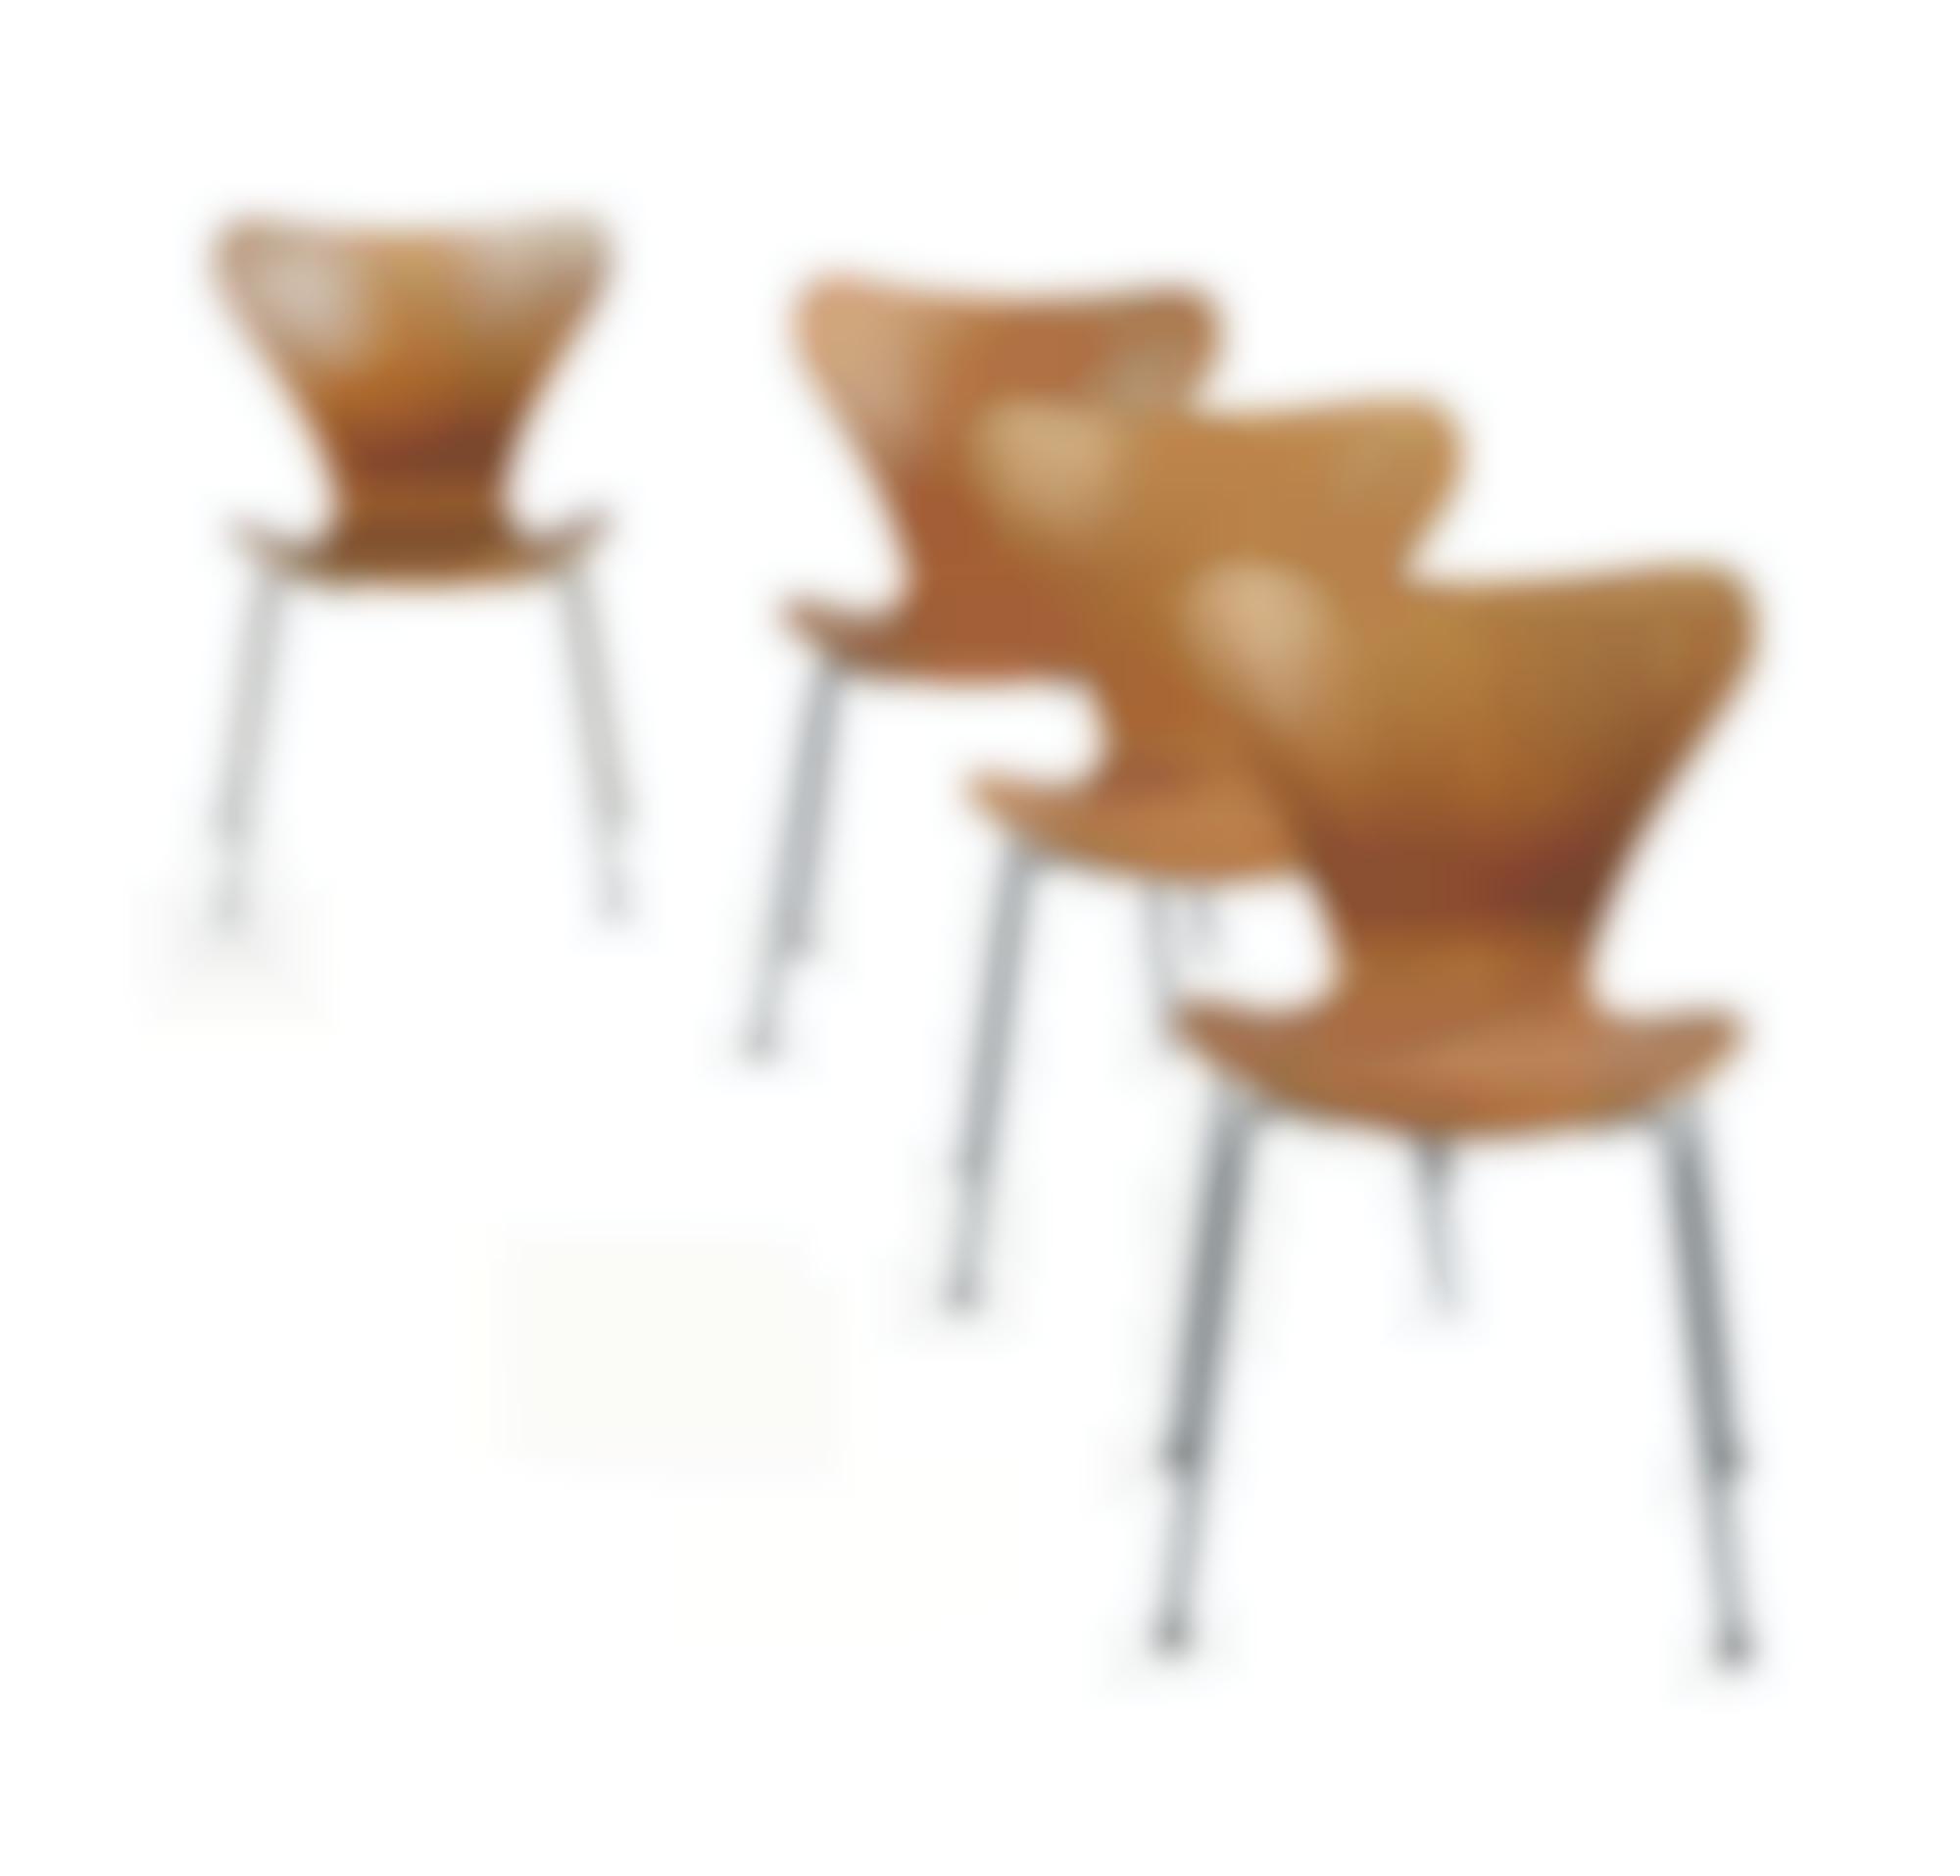 Arne Jacobsen - Quatre Chaises Modele 3107-1955